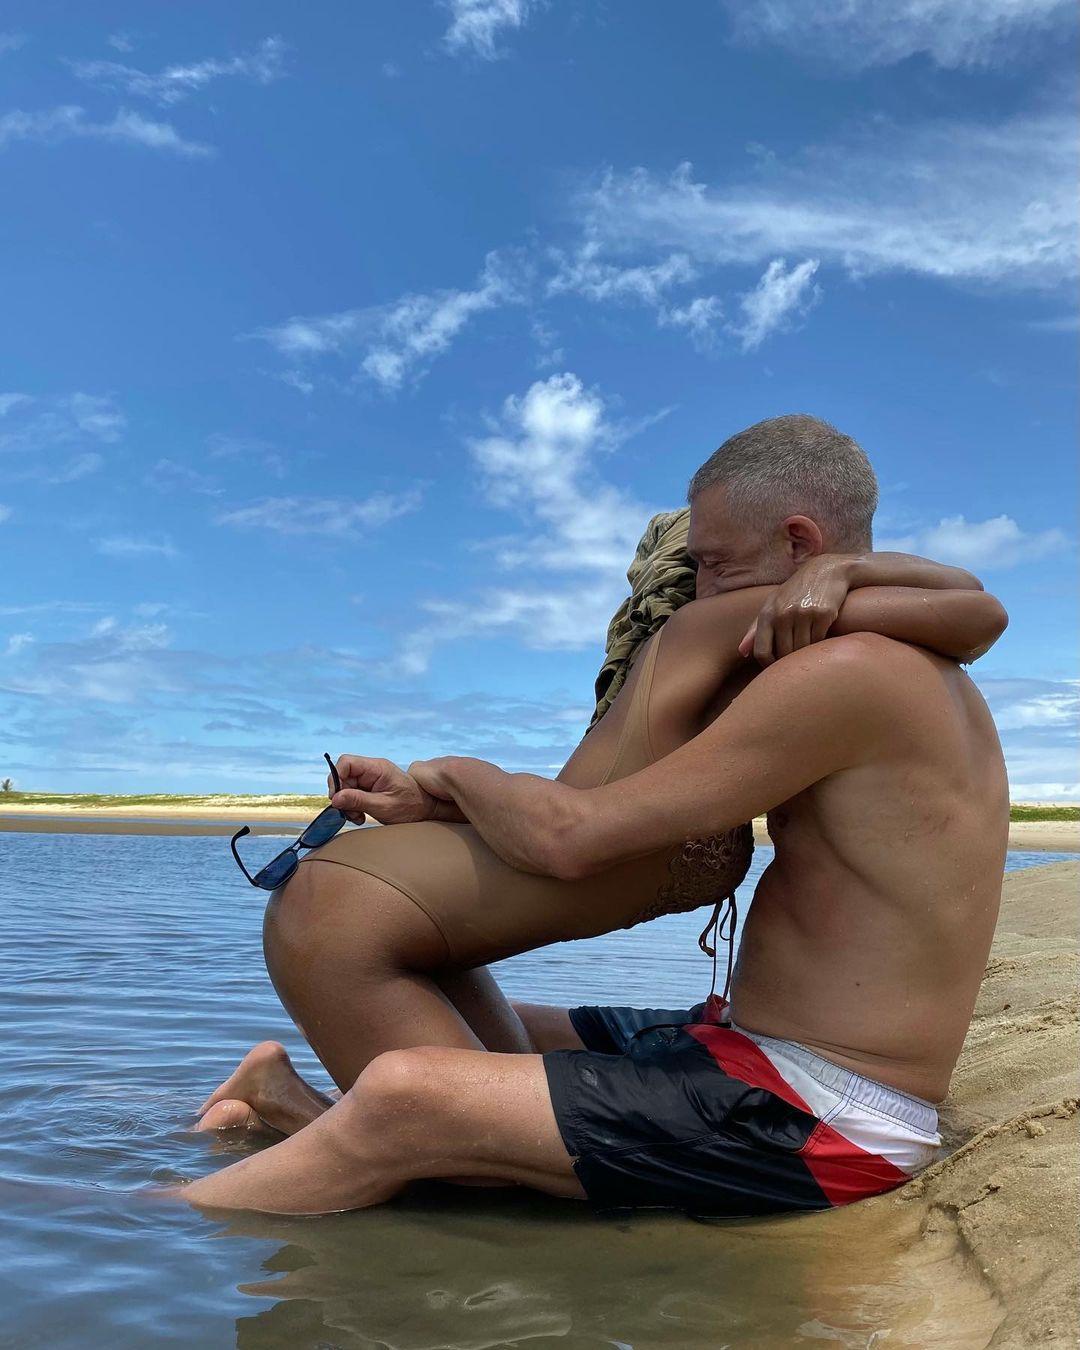 «Любимое место на земле»: Тина Кунаки поздравила Венсана Касселя с годовщиной свадьбы